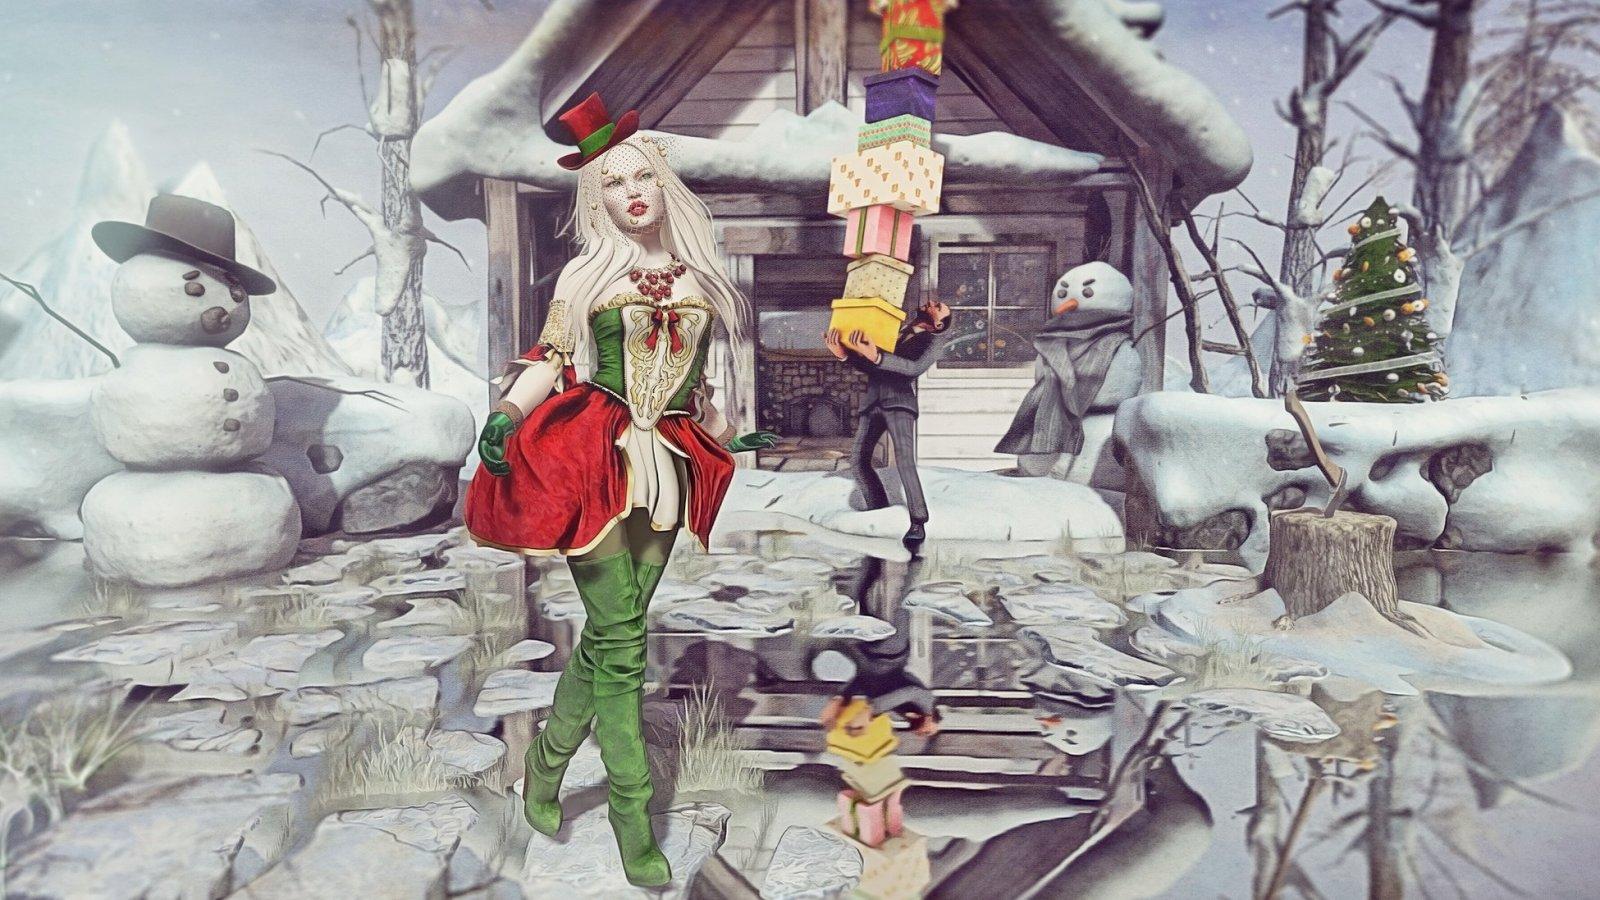 La Comtesse Christmas